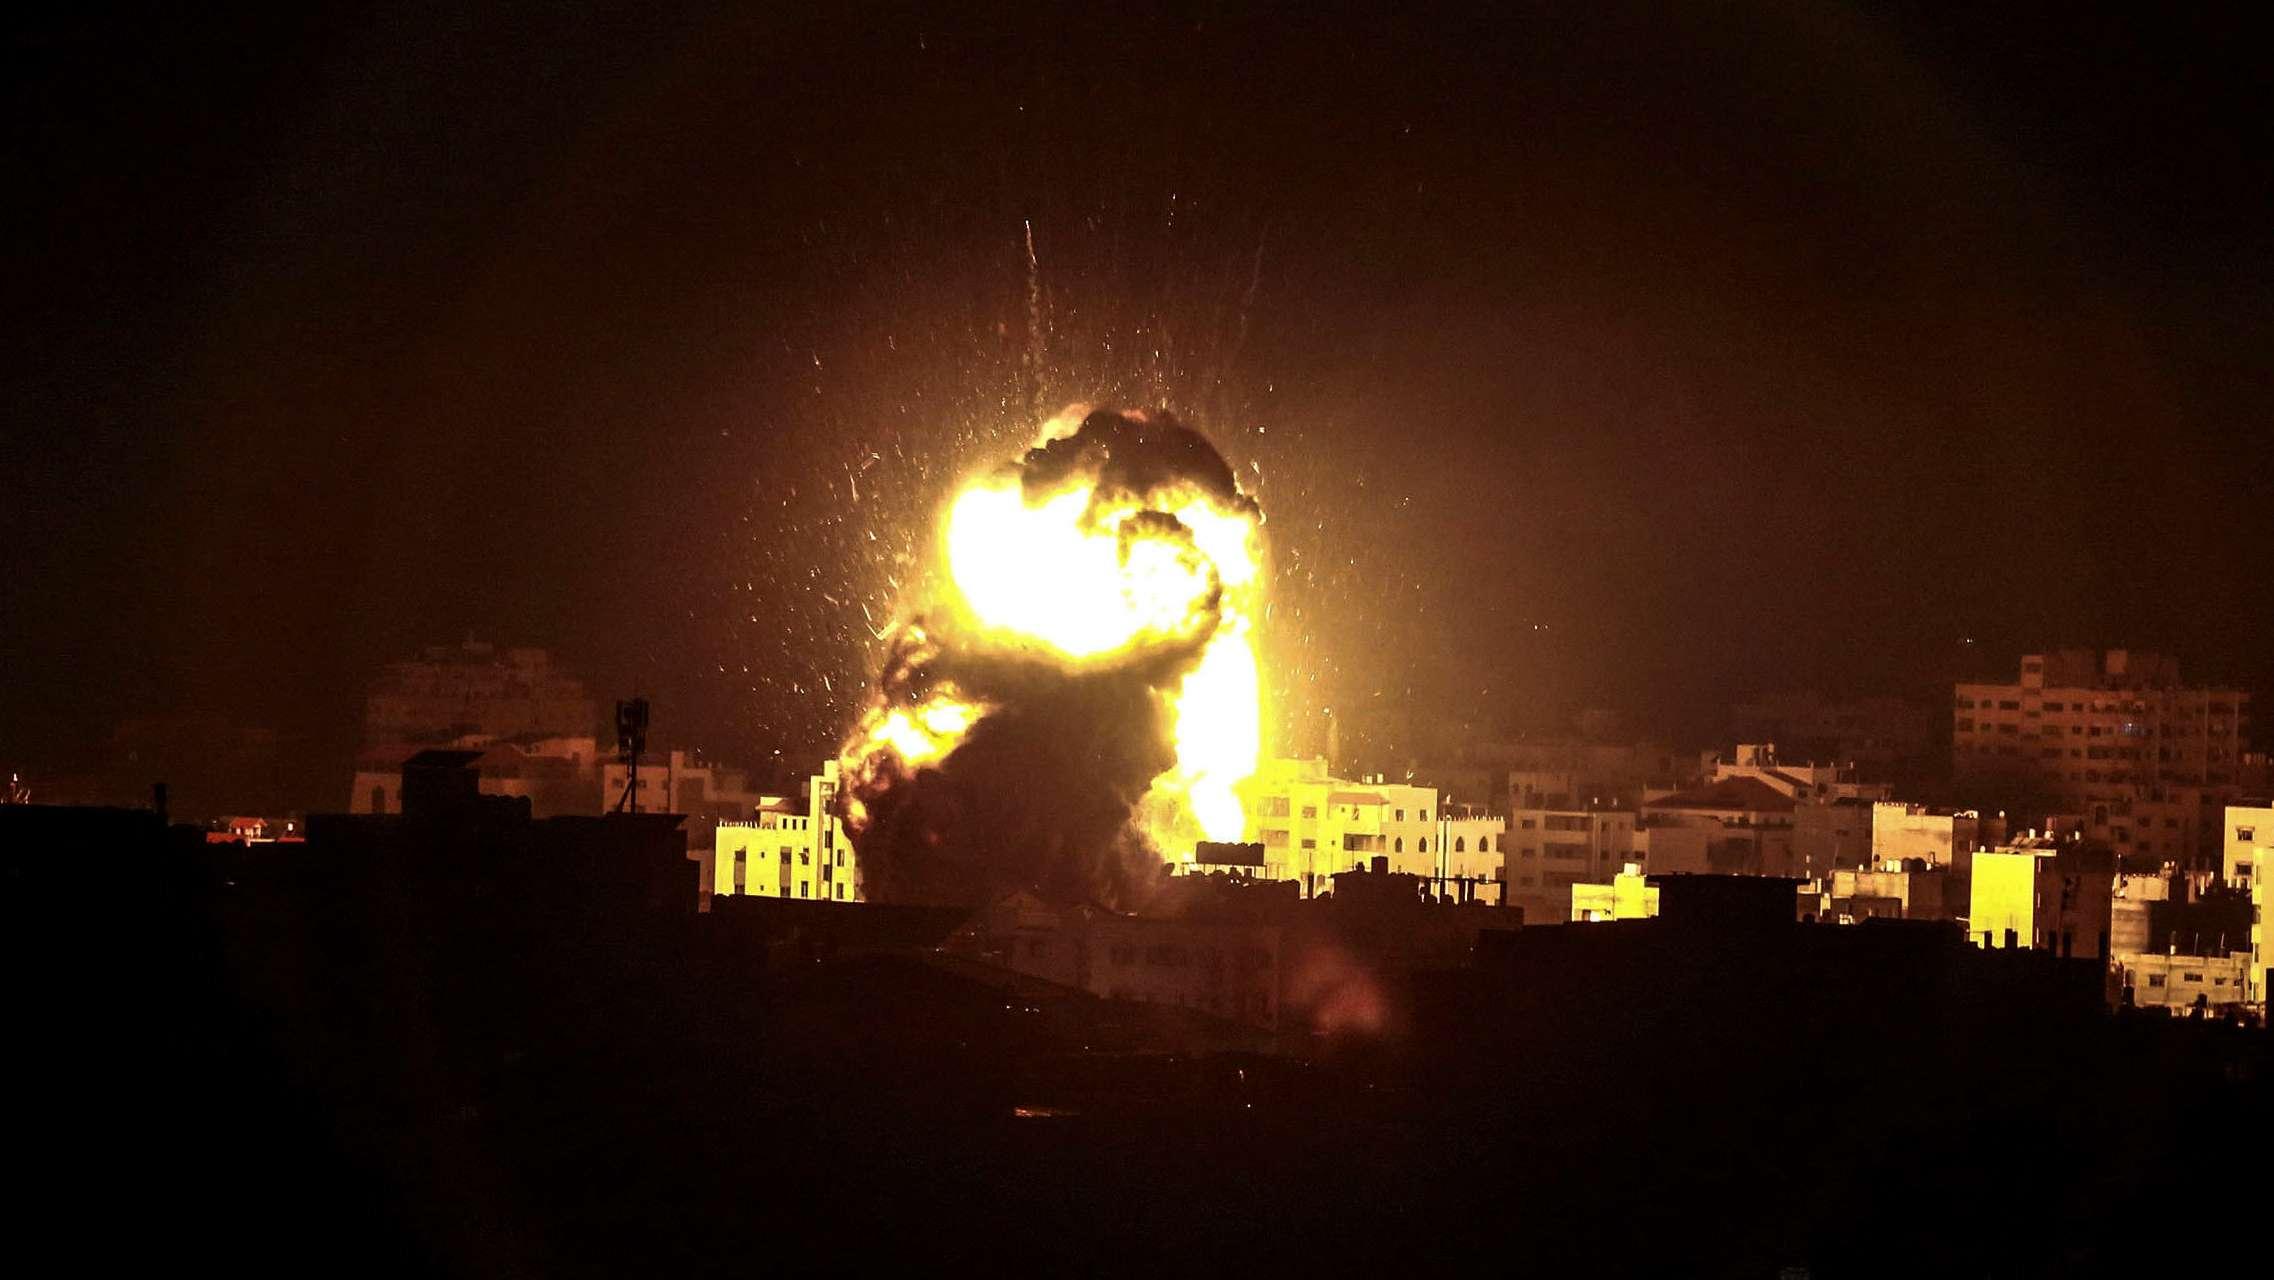 Palästinensische Autonomiegebiete: Eine Explosion ist nach einem Angriff der israelischen Luftwaffe in Gaza zu sehen.